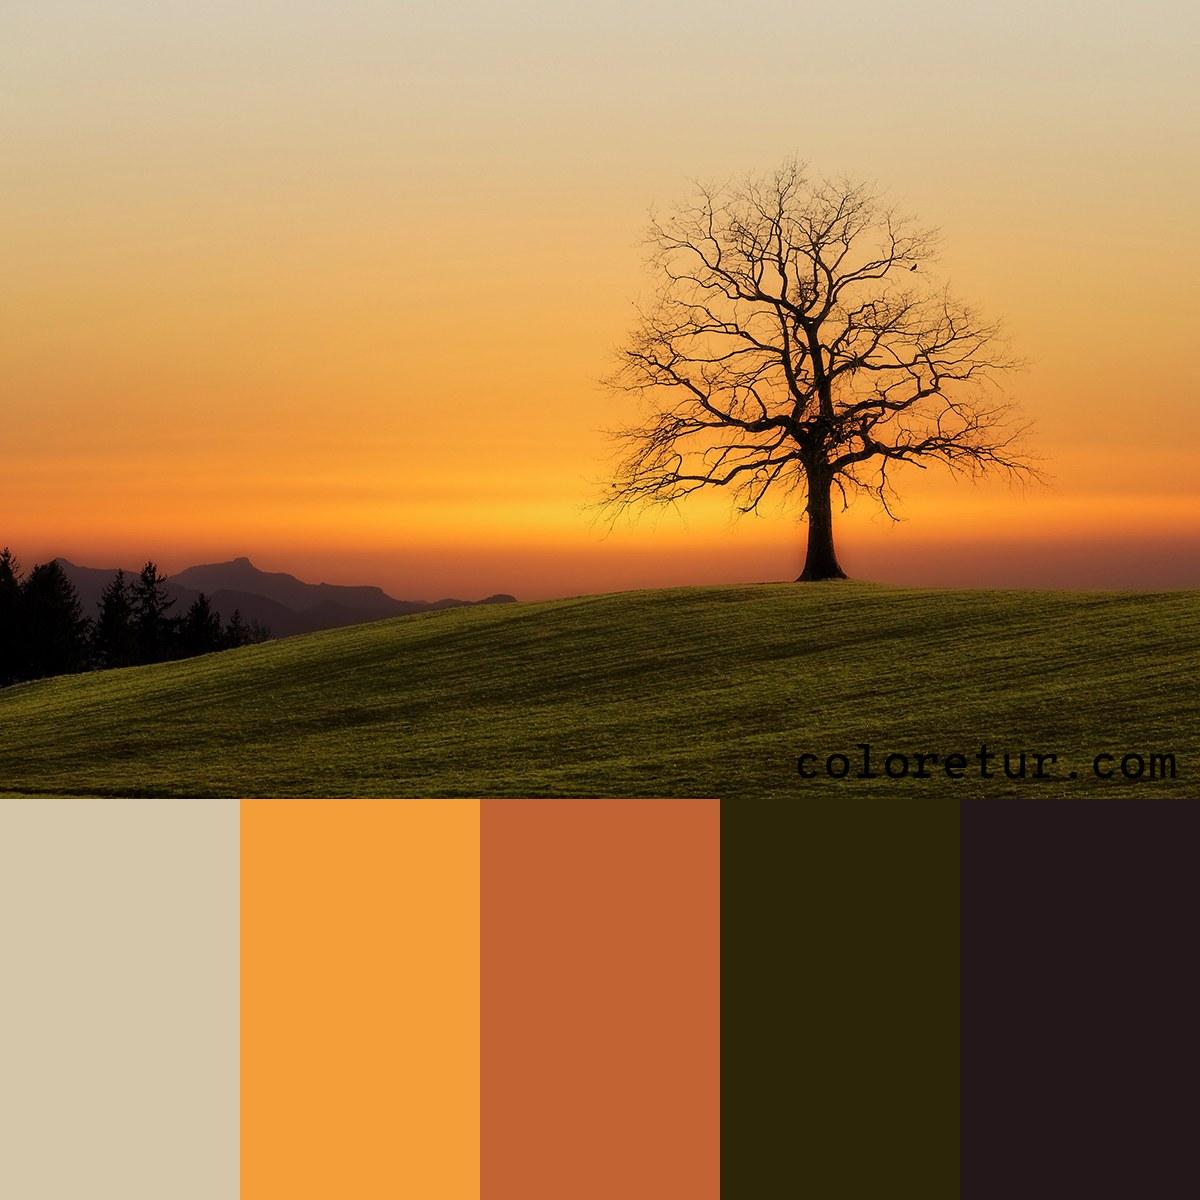 A warm sunrise color palette